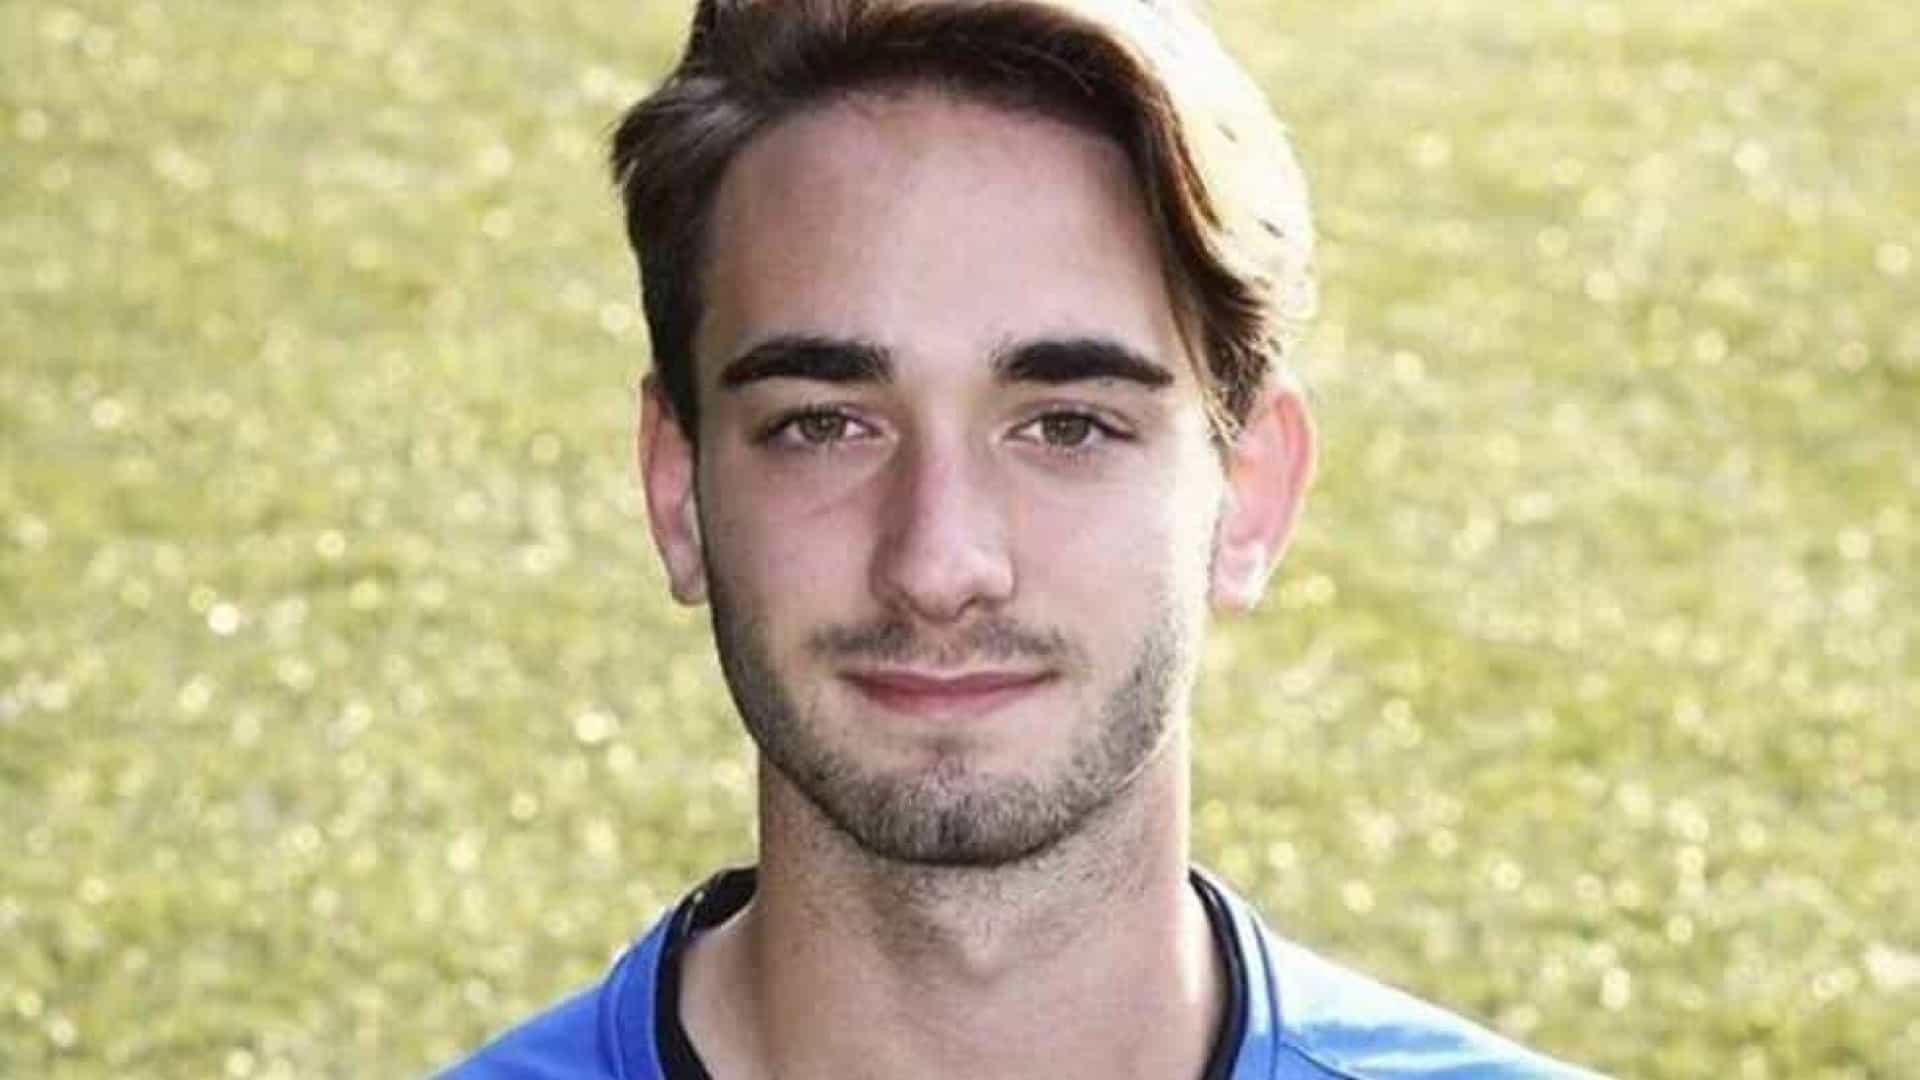 naom 5eb94b03cd9bd - Jogador de futebol de 19 anos morre após treino